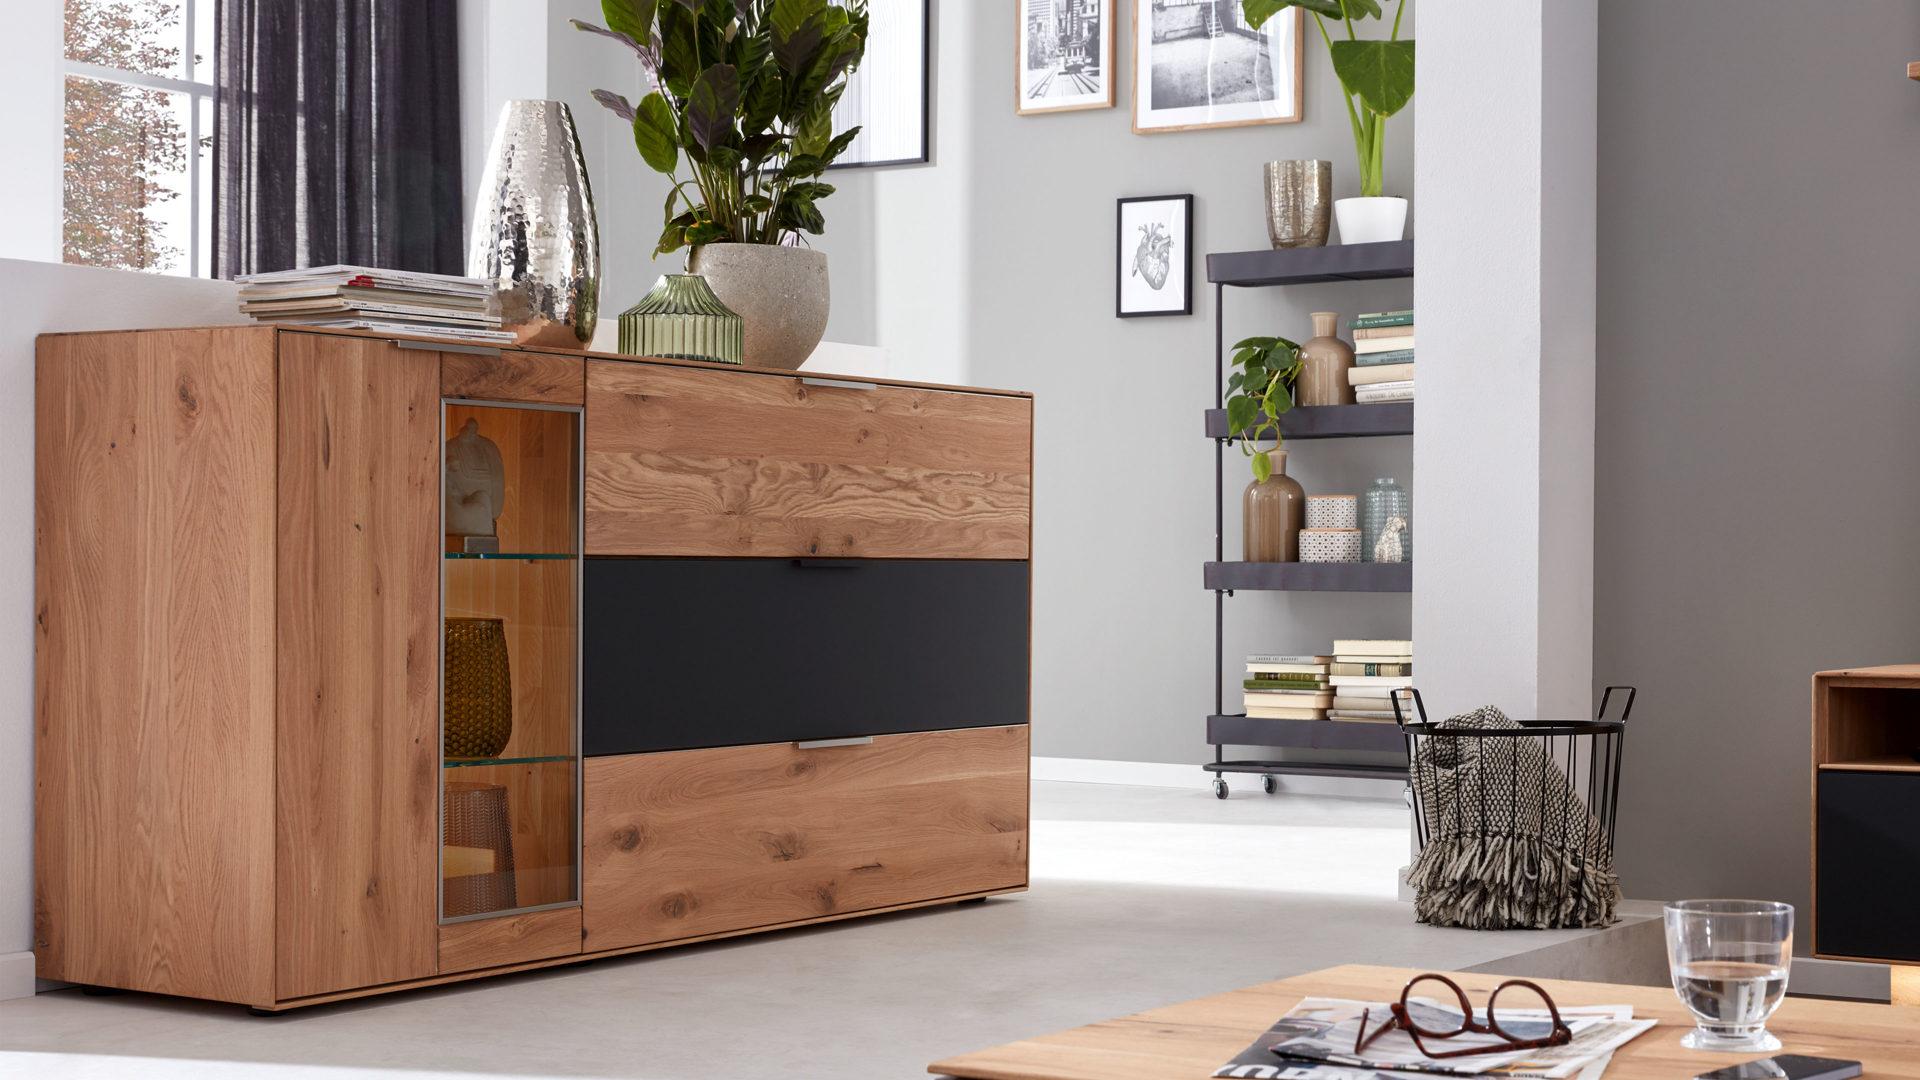 Nolte-Möbel, Interliving, Bettgestell, Einbauküche, Systemküche ...